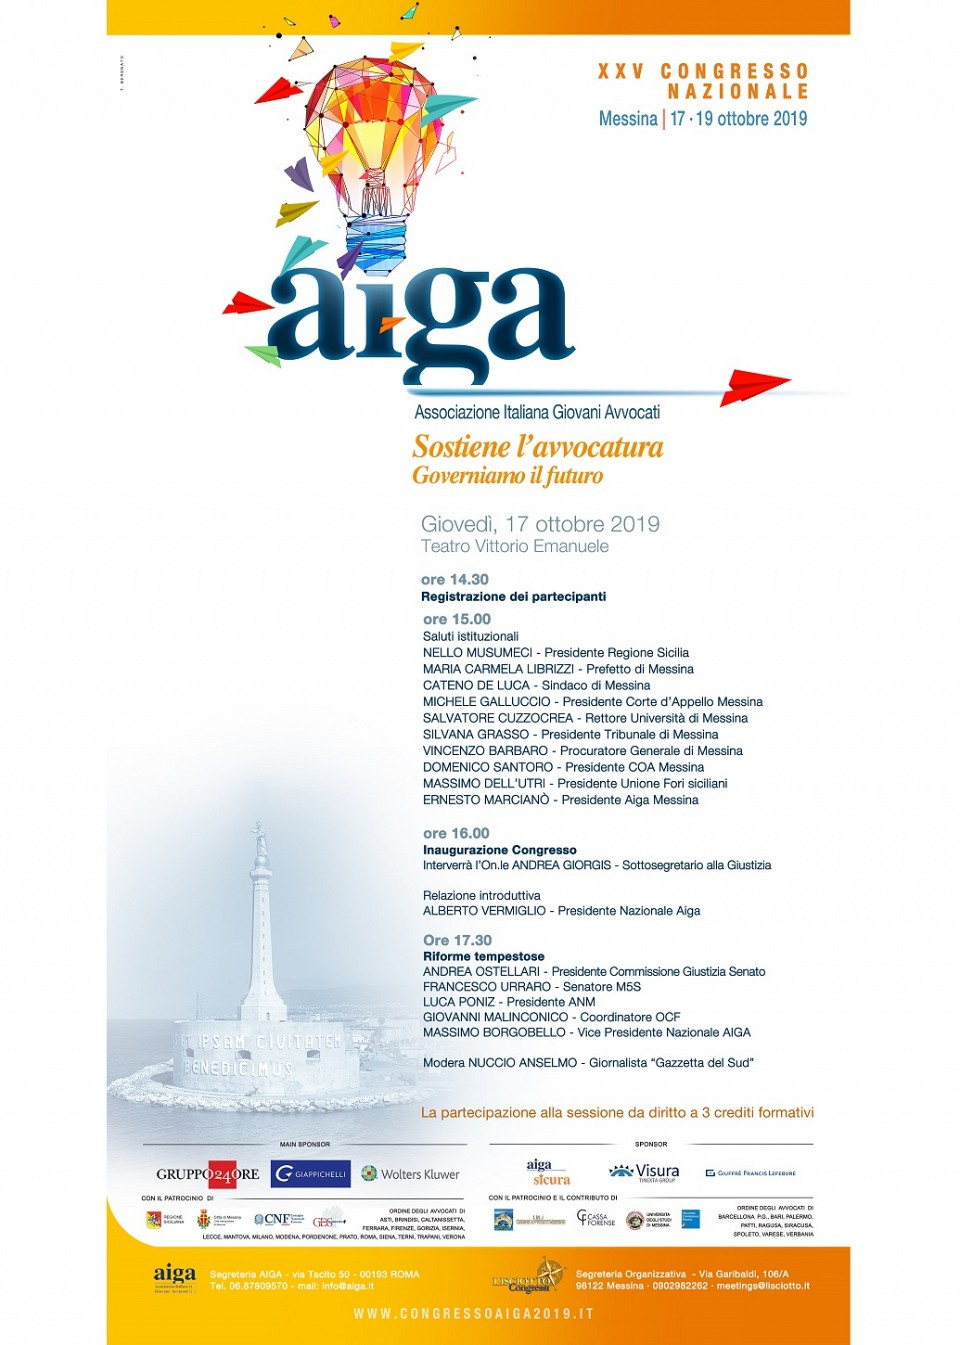 XXV CONGRESSO NAZIONALE AIGA